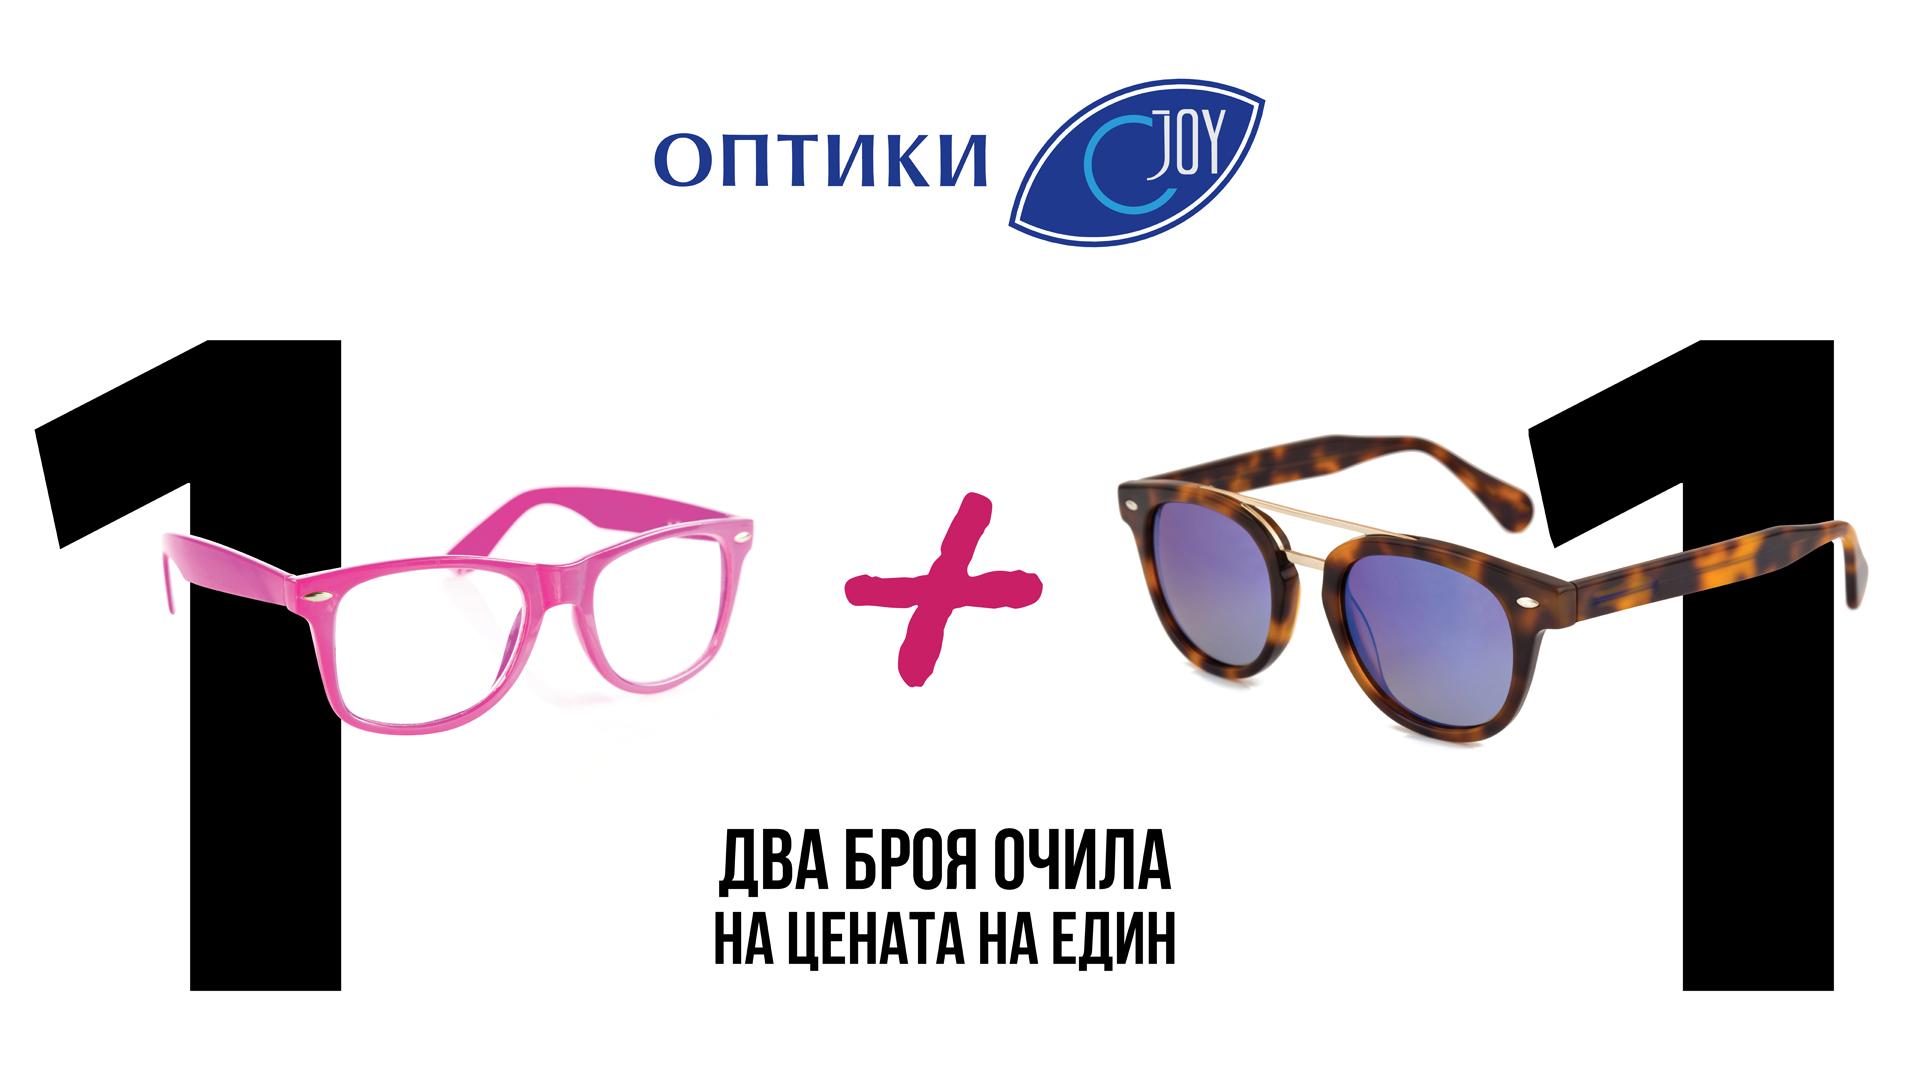 1+1 Два броя очила на цената на един!